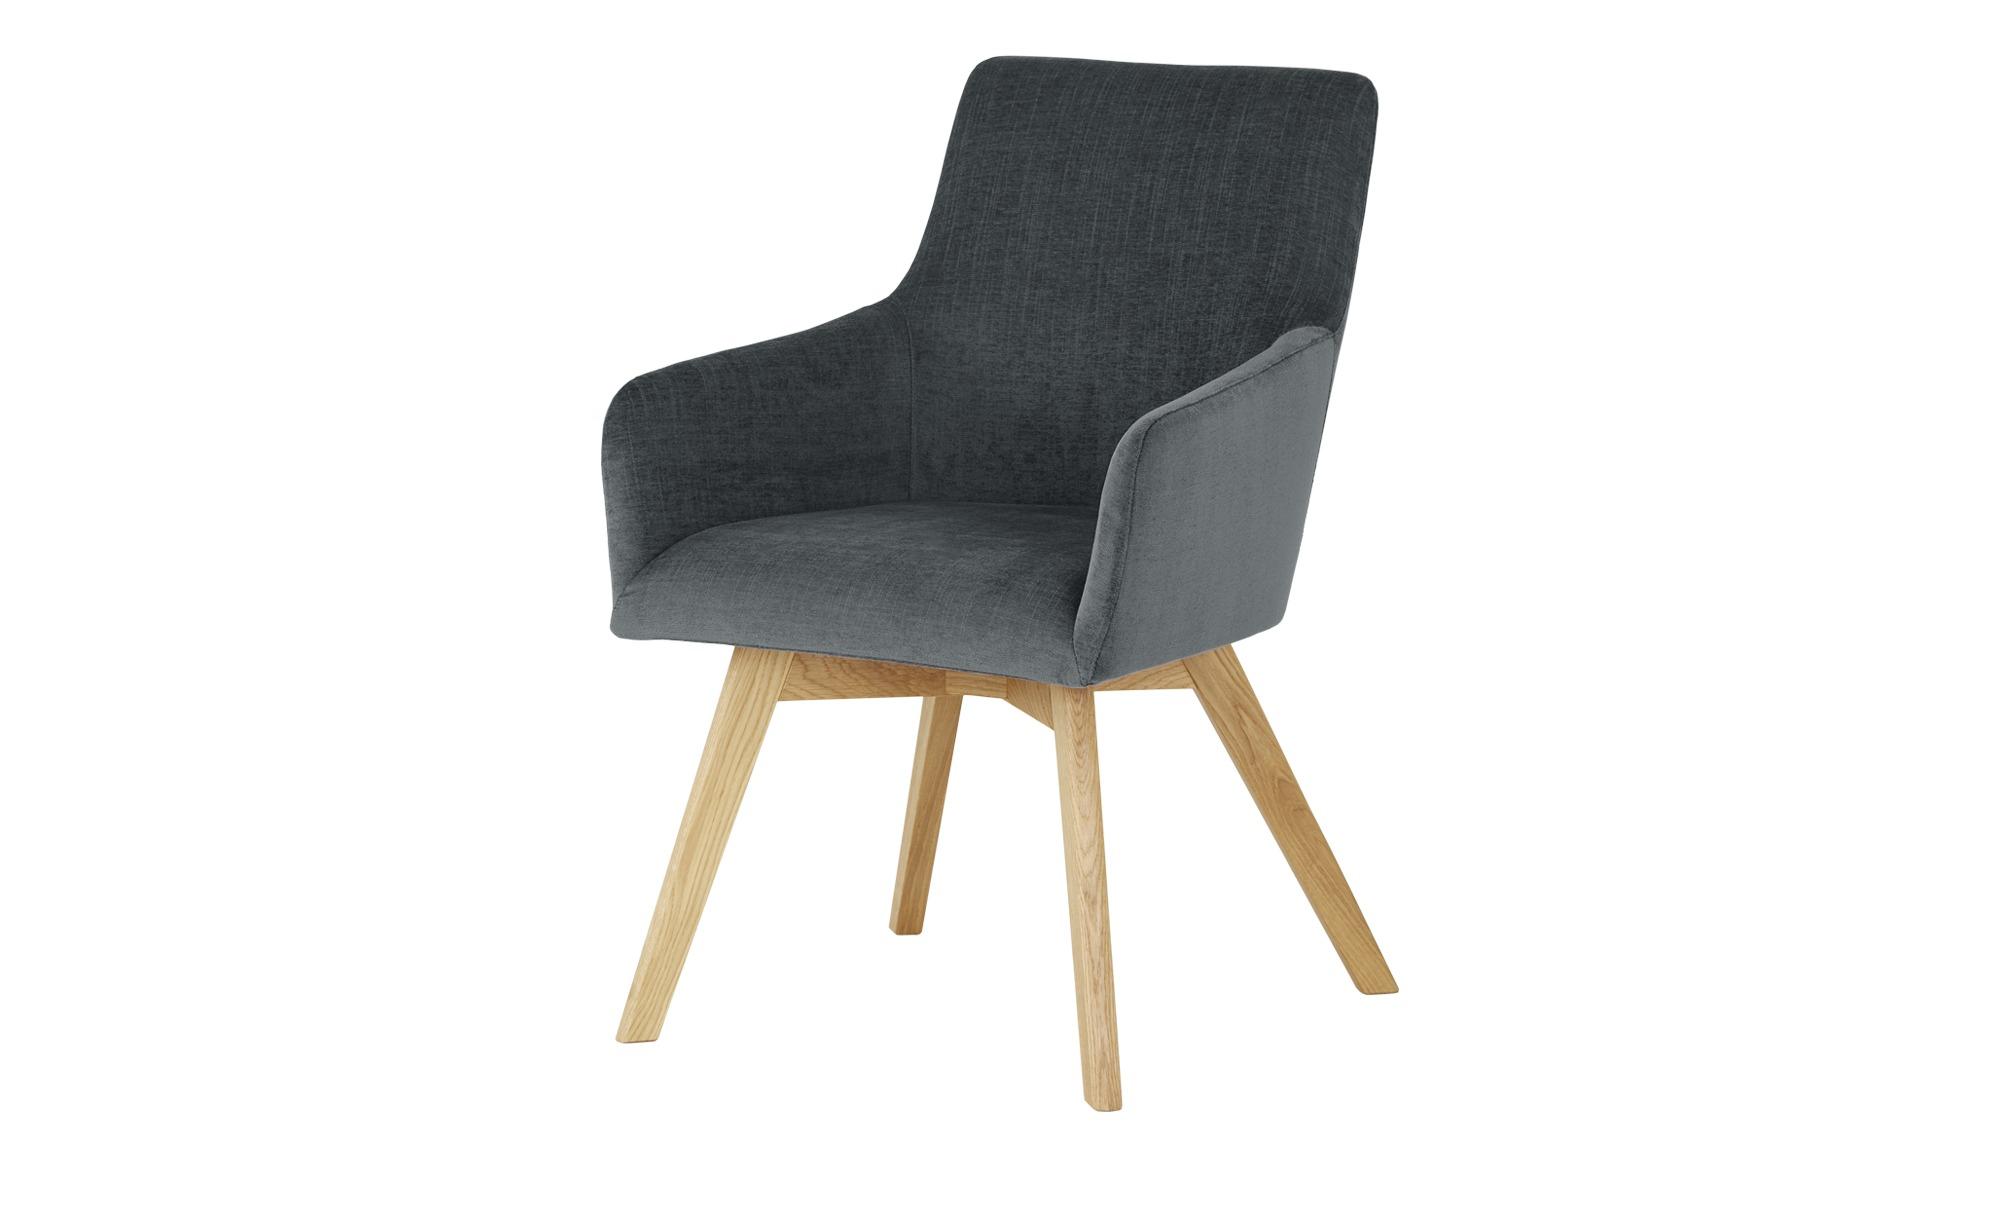 Wohnwert Armlehn-Polsterstuhl  Fina ¦ grau Stühle > Esszimmerstühle > Esszimmerstühle mit Armlehnen - Höffner